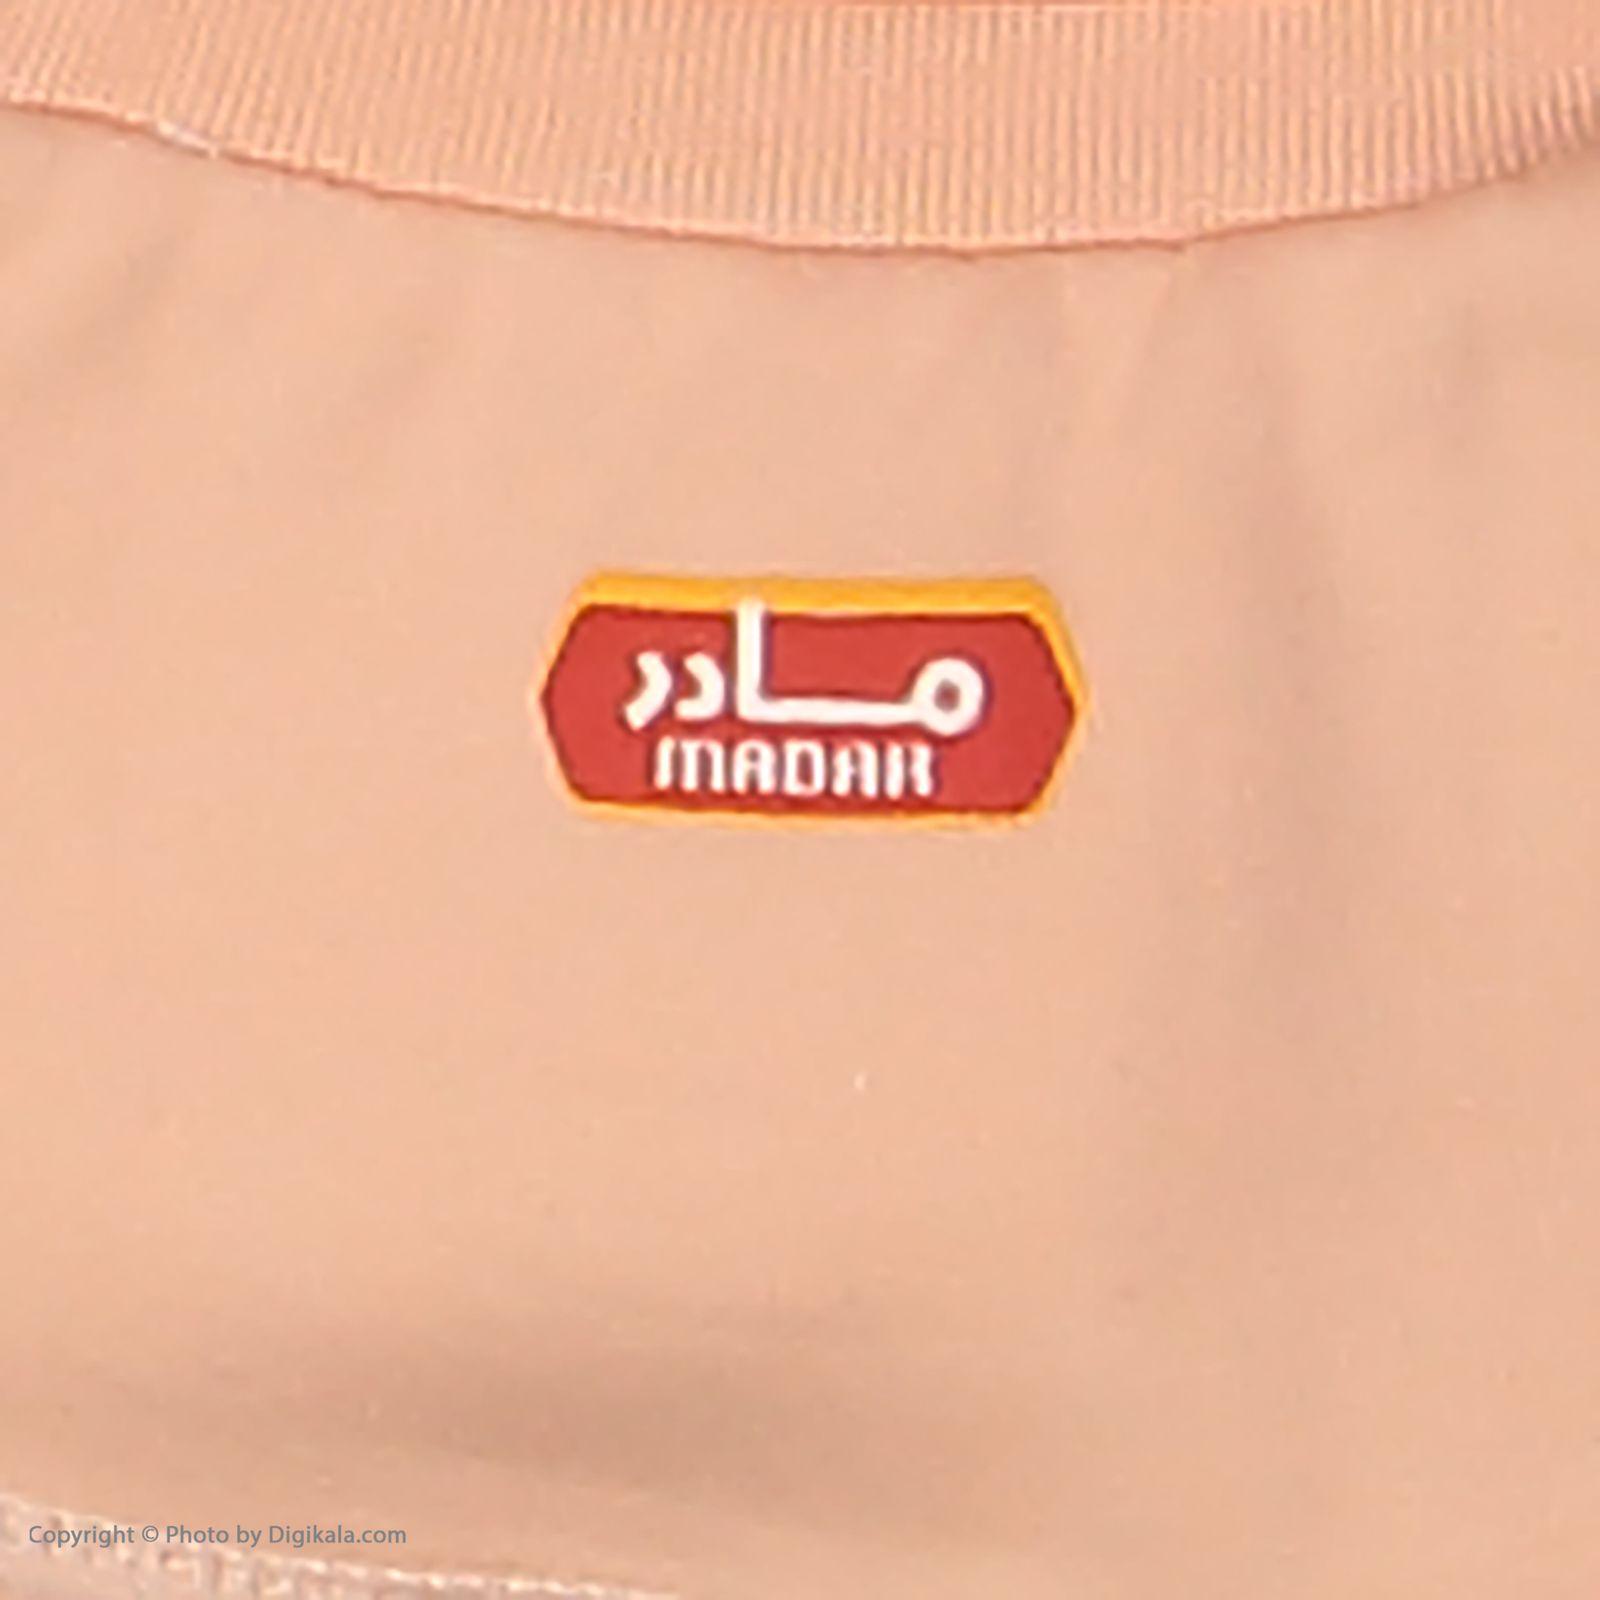 ست تی شرت و شلوار دخترانه مادر مدل 302-80 main 1 5